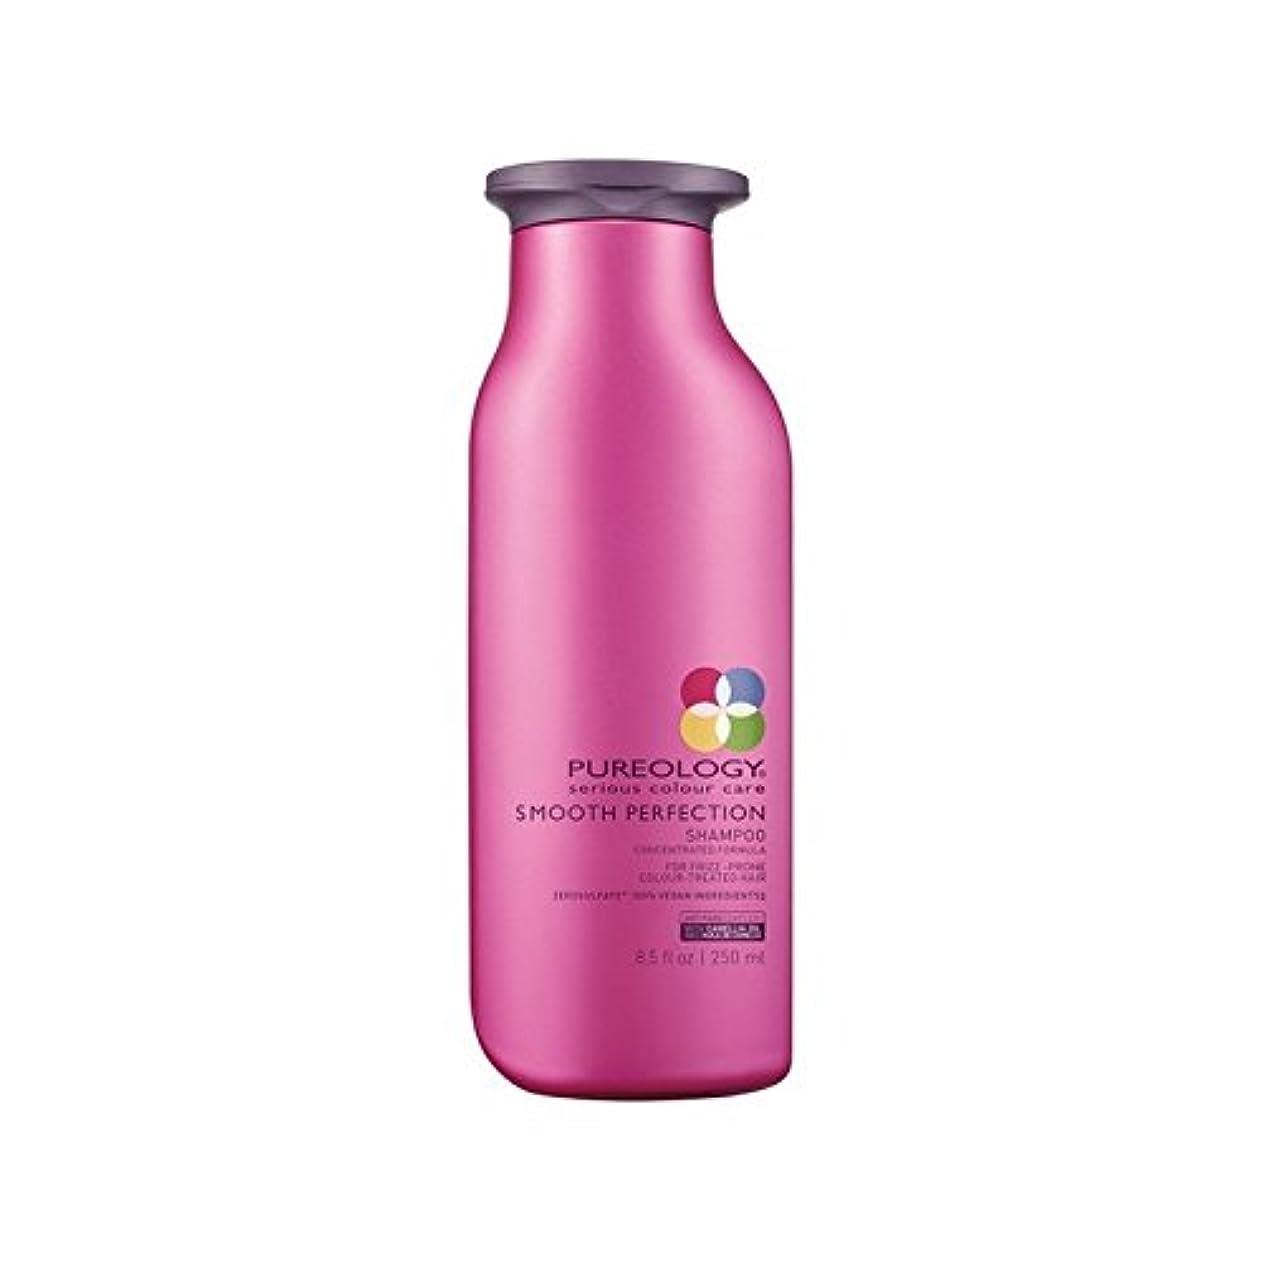 装備する文明化するおしゃれなPureology Smooth Perfection Shampoo (250ml) - 平滑完全シャンプー(250ミリリットル) [並行輸入品]